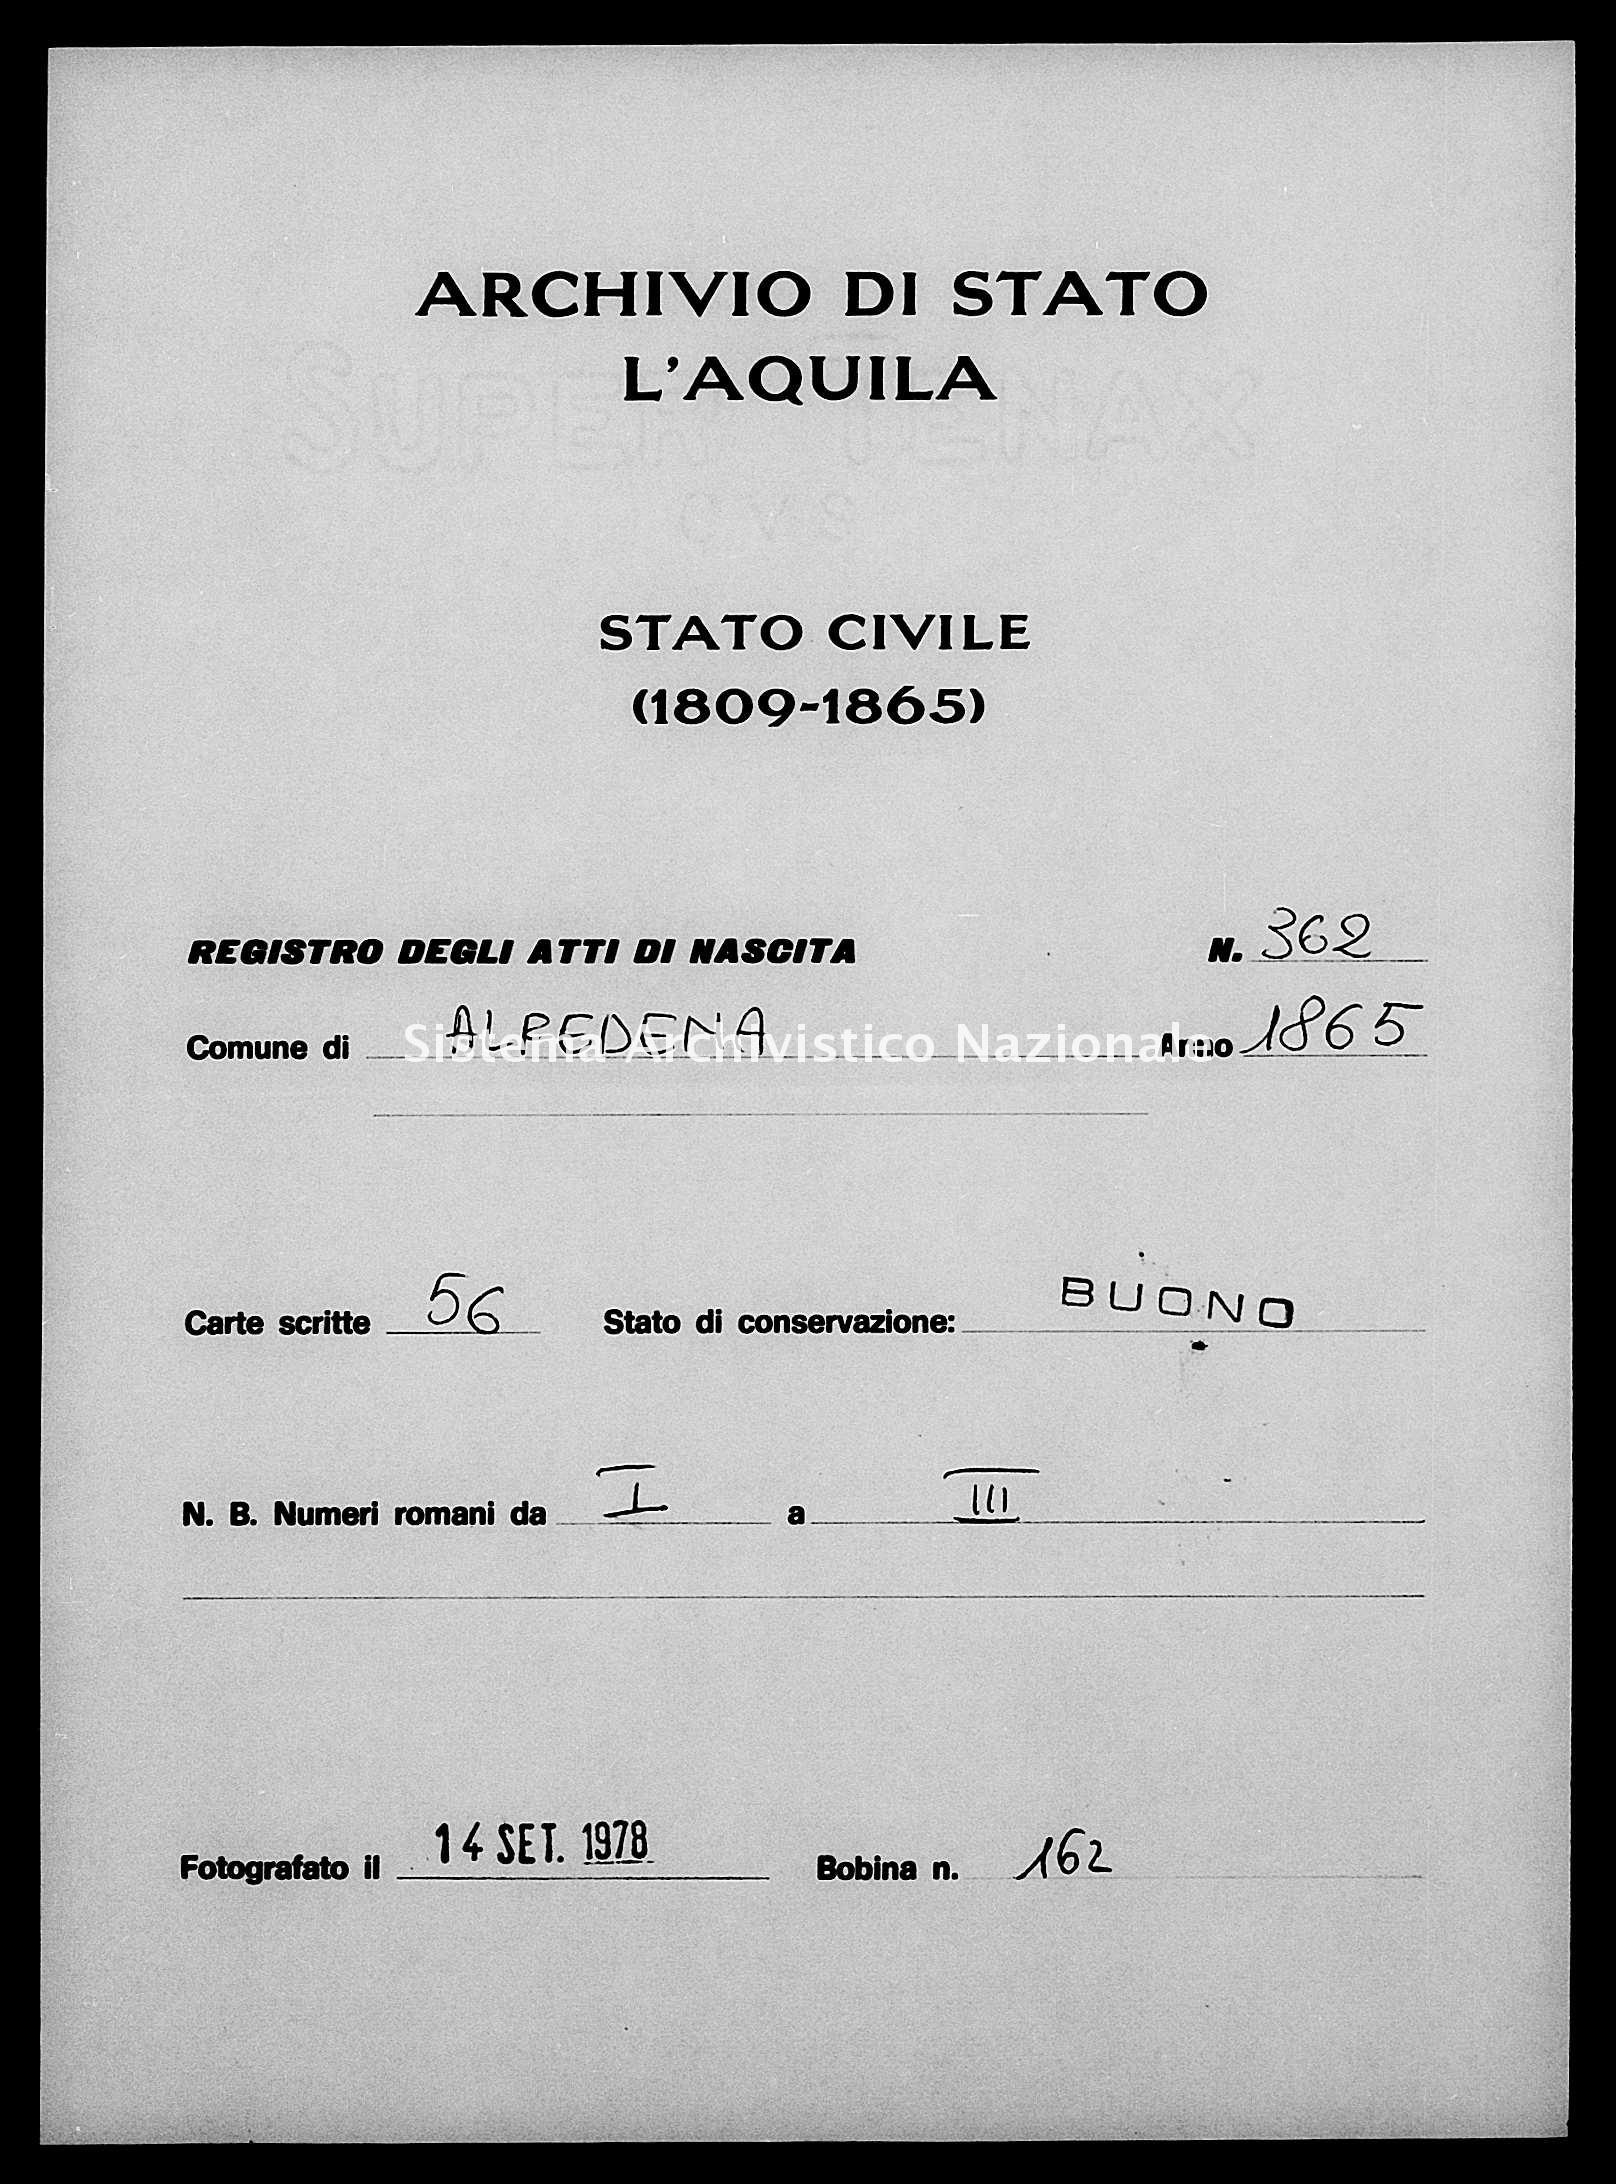 Archivio di stato di L'aquila - Stato civile italiano - Alfedena - Nati - 1865 - 362 -